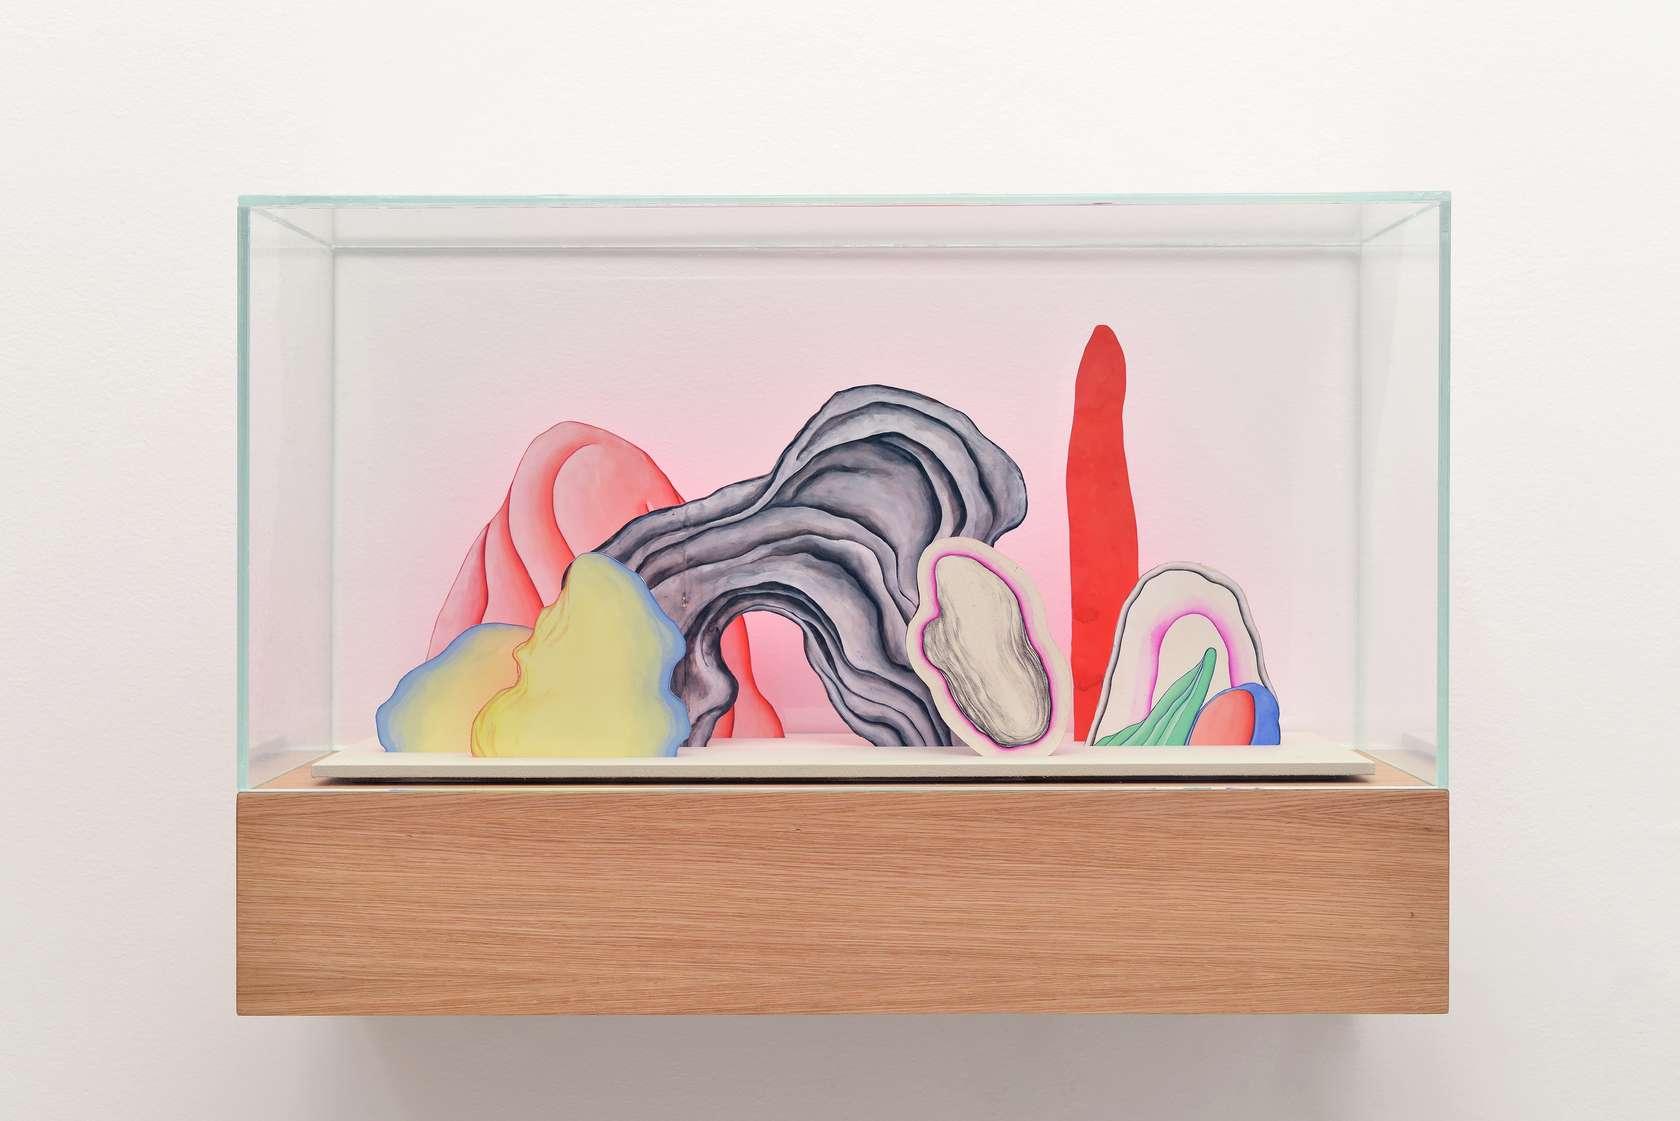 Guillaume Dégé, Sans titre, 2017 Vitrine en chêne et capot de verre, gouache sur papier XVIIIe contrecollé sur carton47.5 × 70 × 25 cm / 18 6/8 × 27 1/2 × 9 7/8 in.